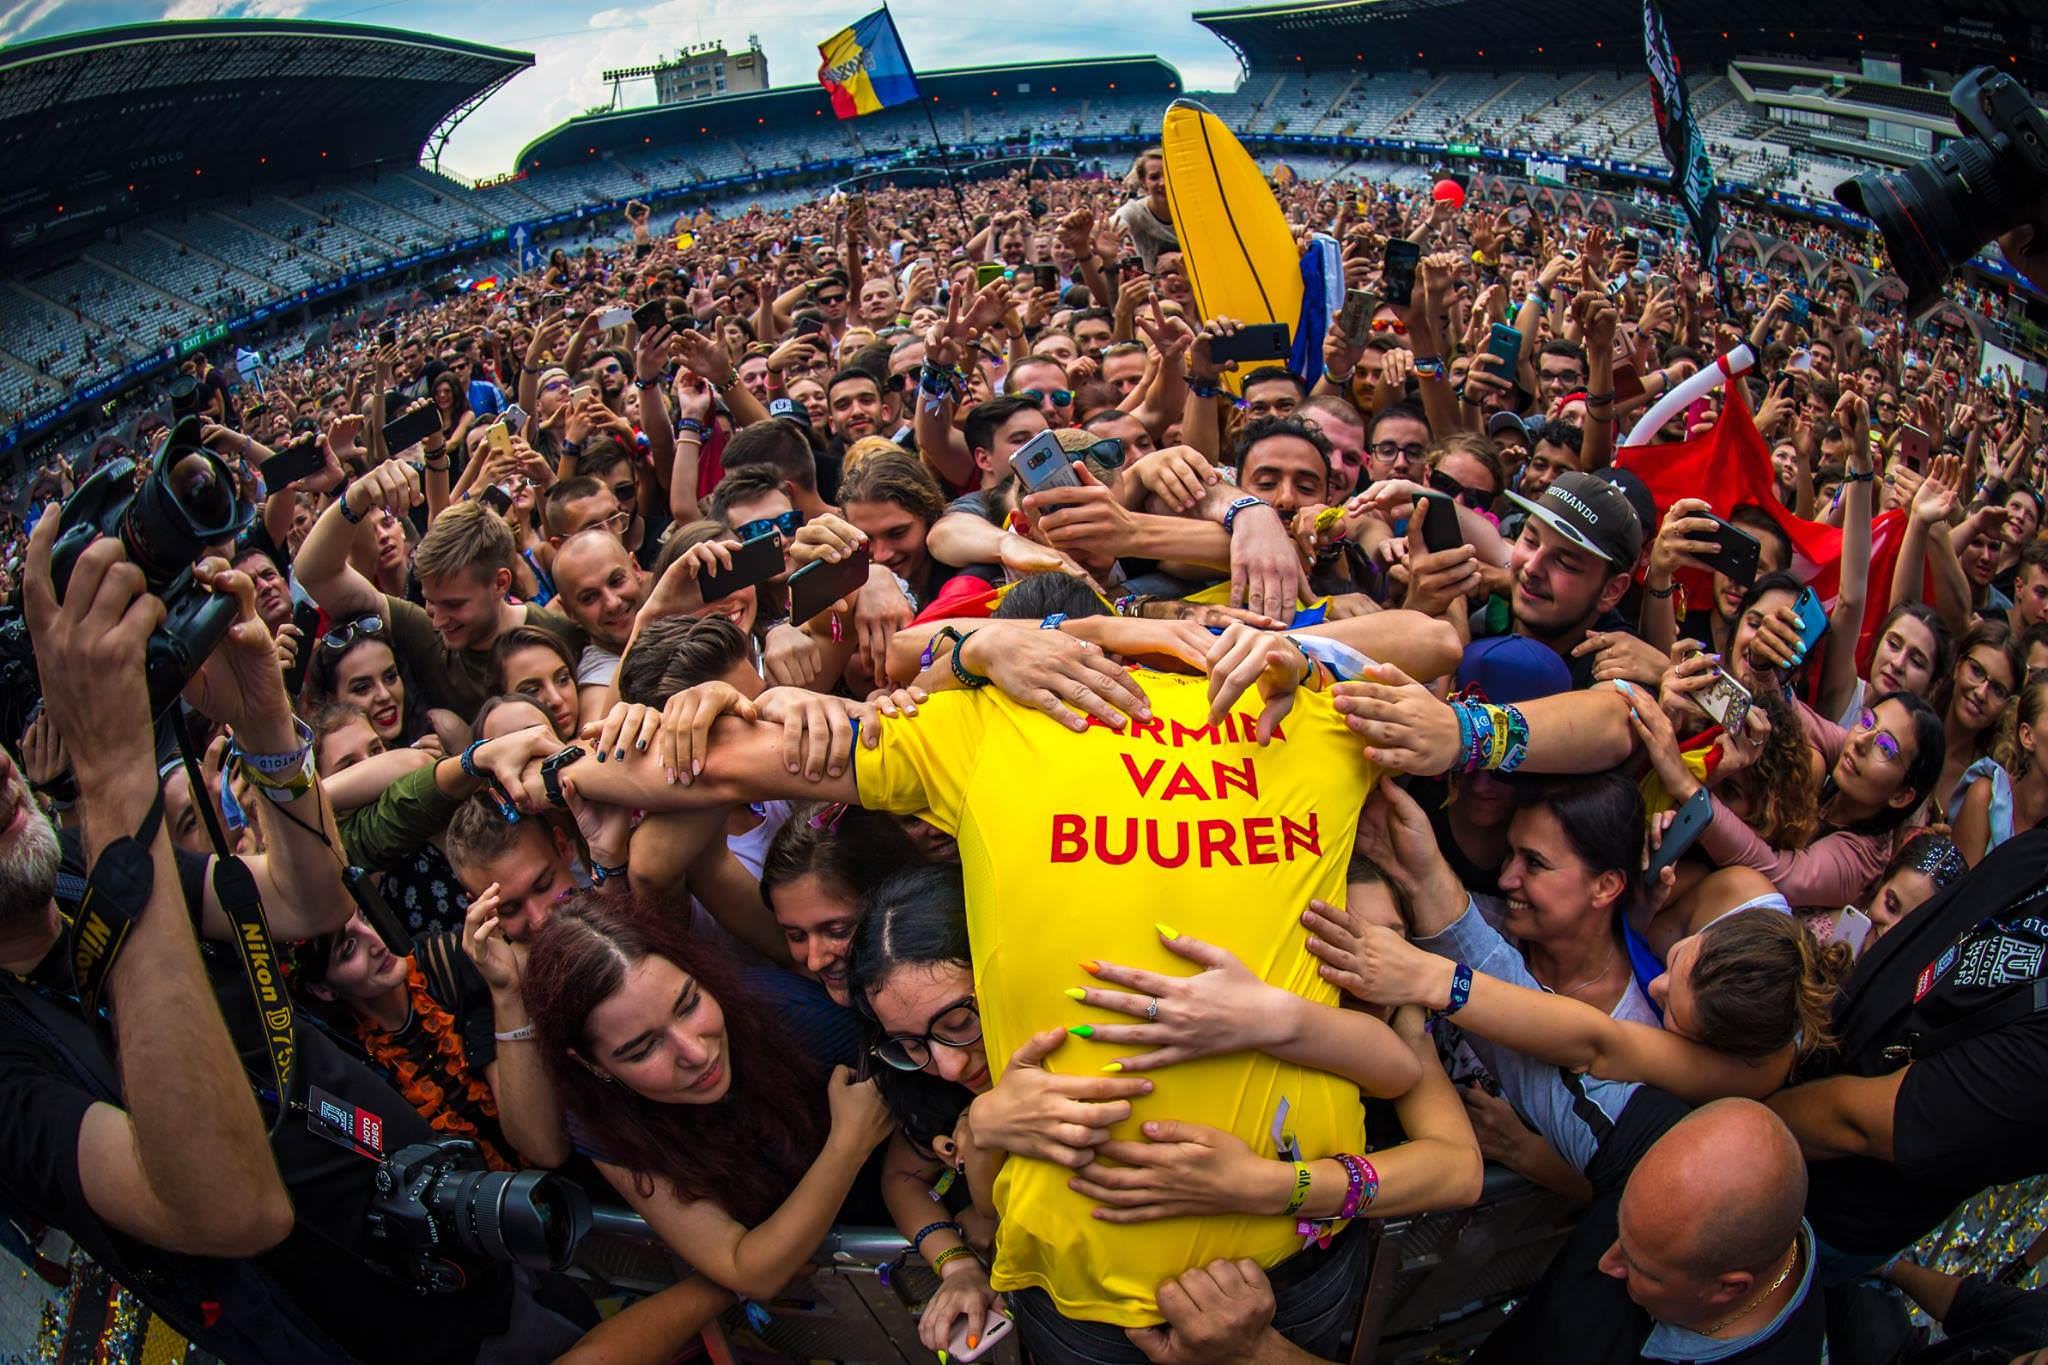 Armin van Buuren brinda inolvidable set de 7 hrs. en Untold